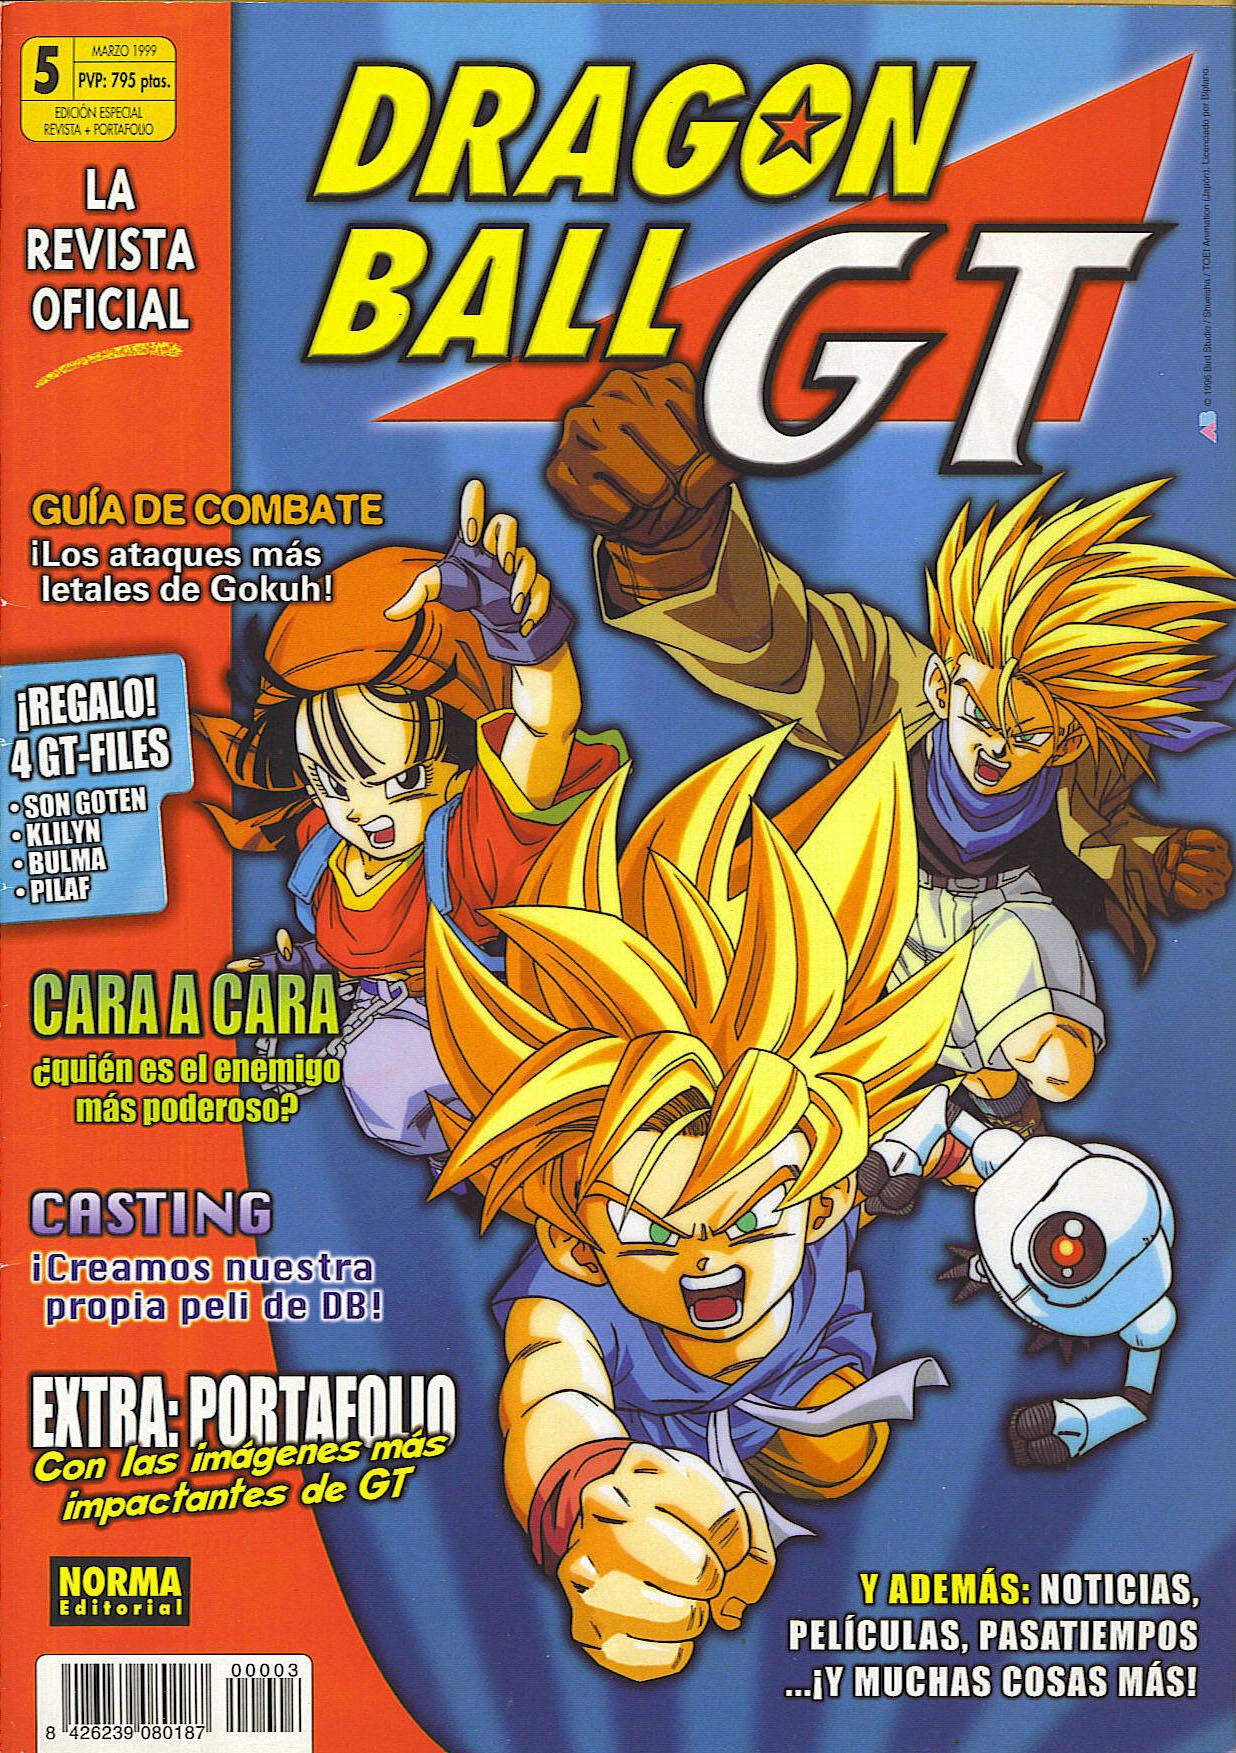 Dragon ball z hentai revistas